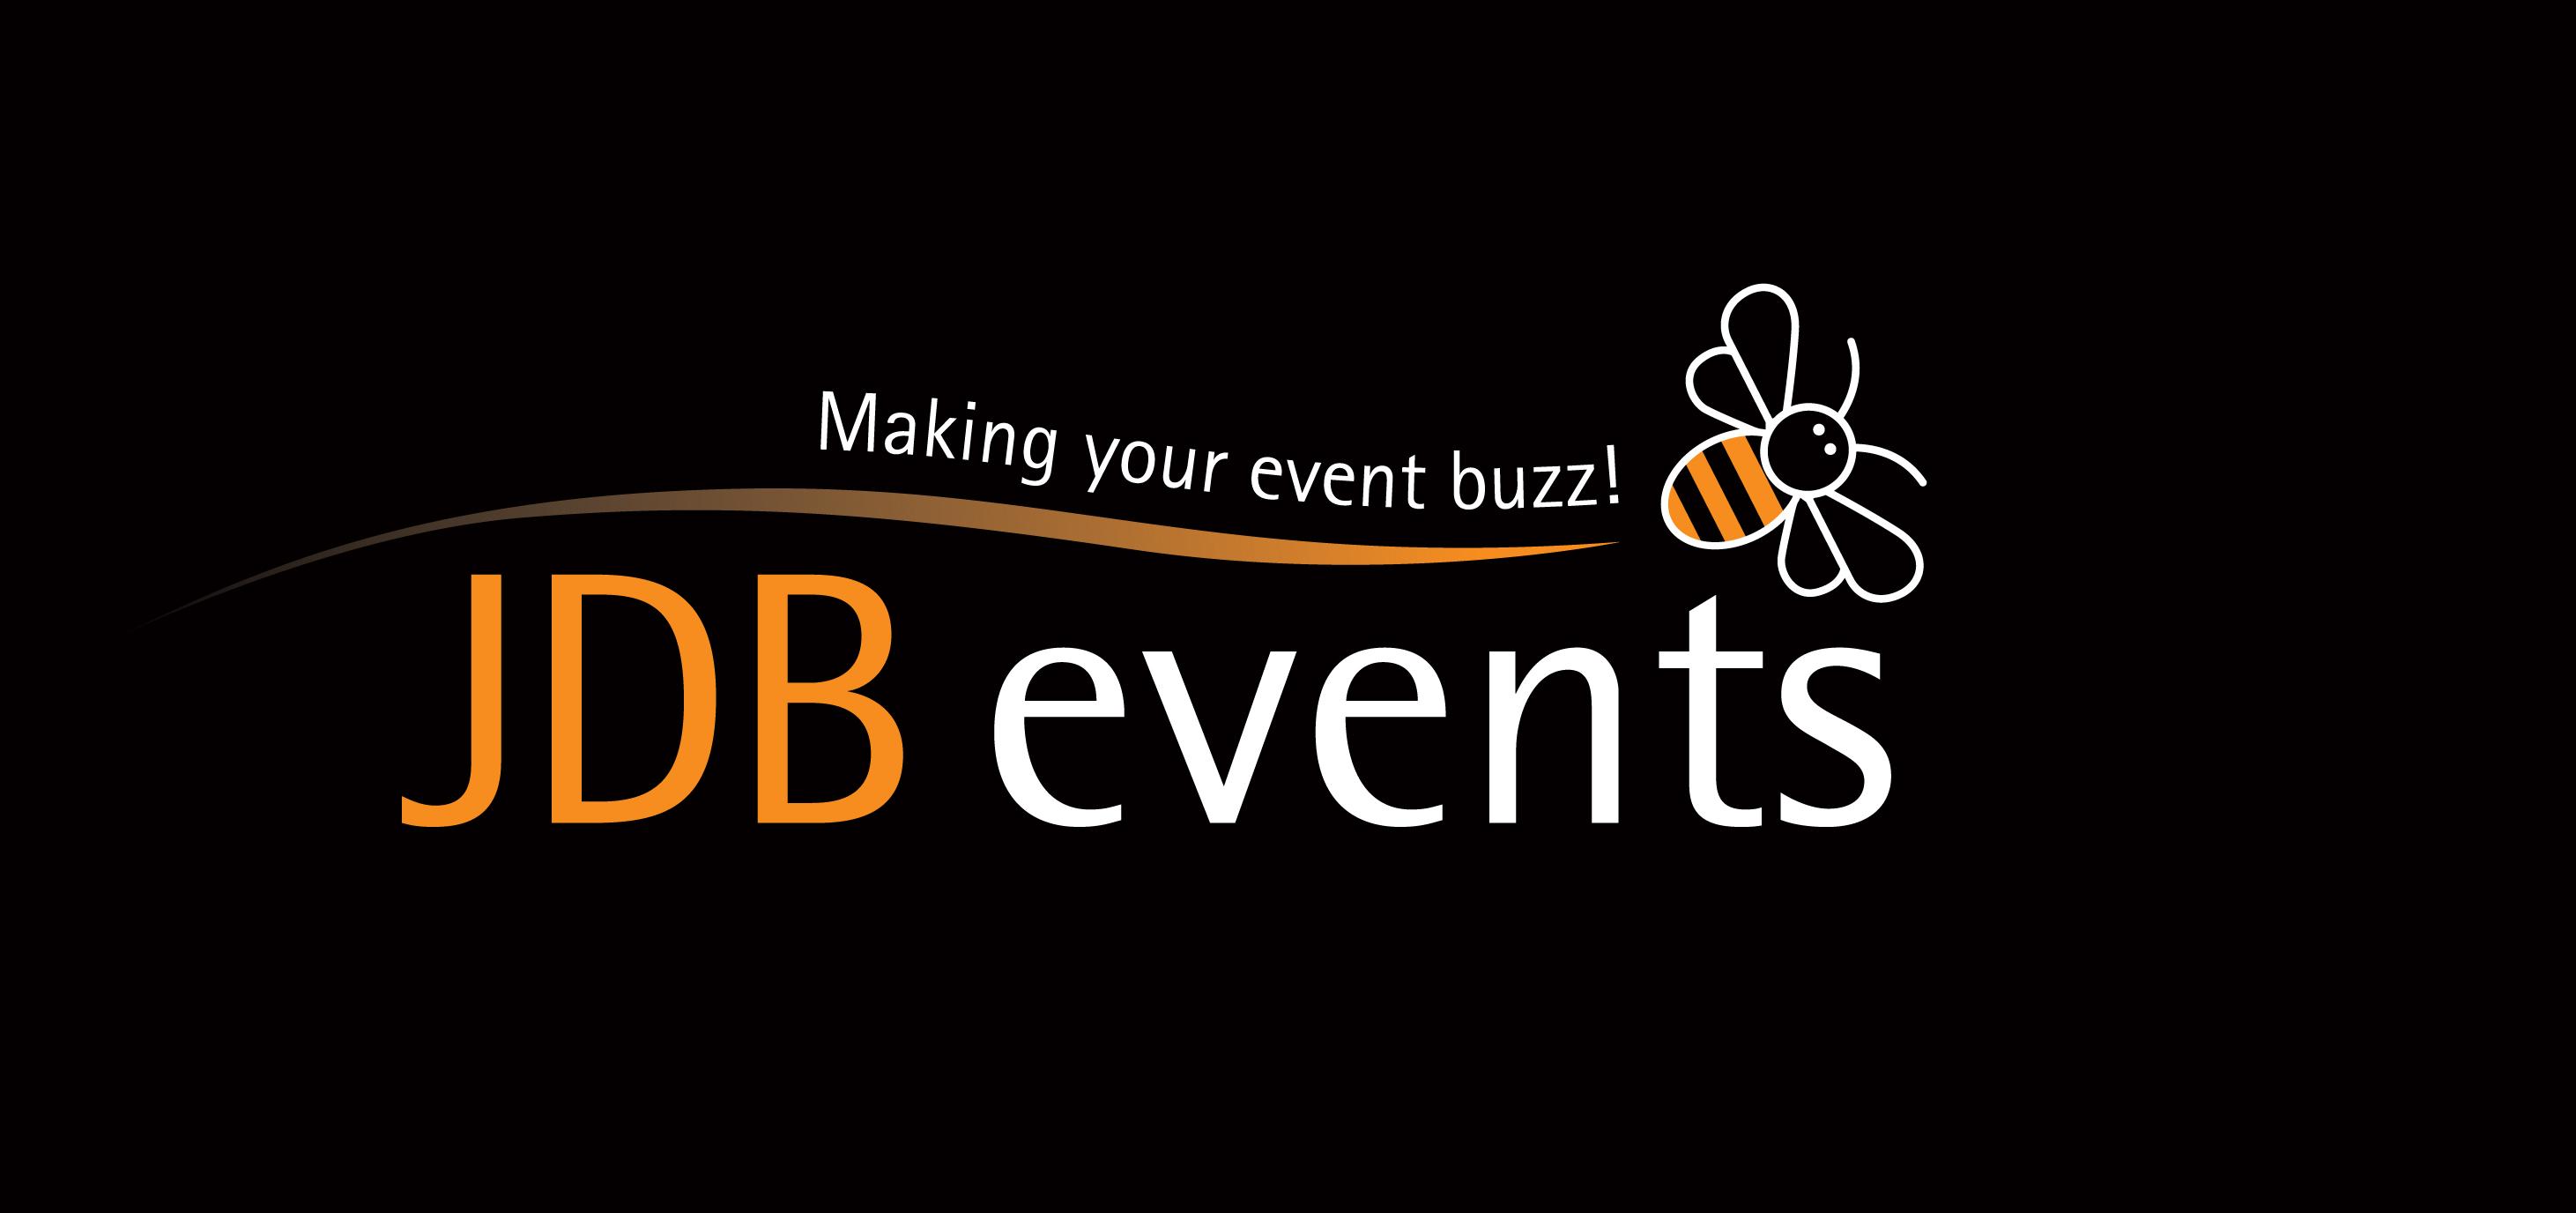 JDB Events